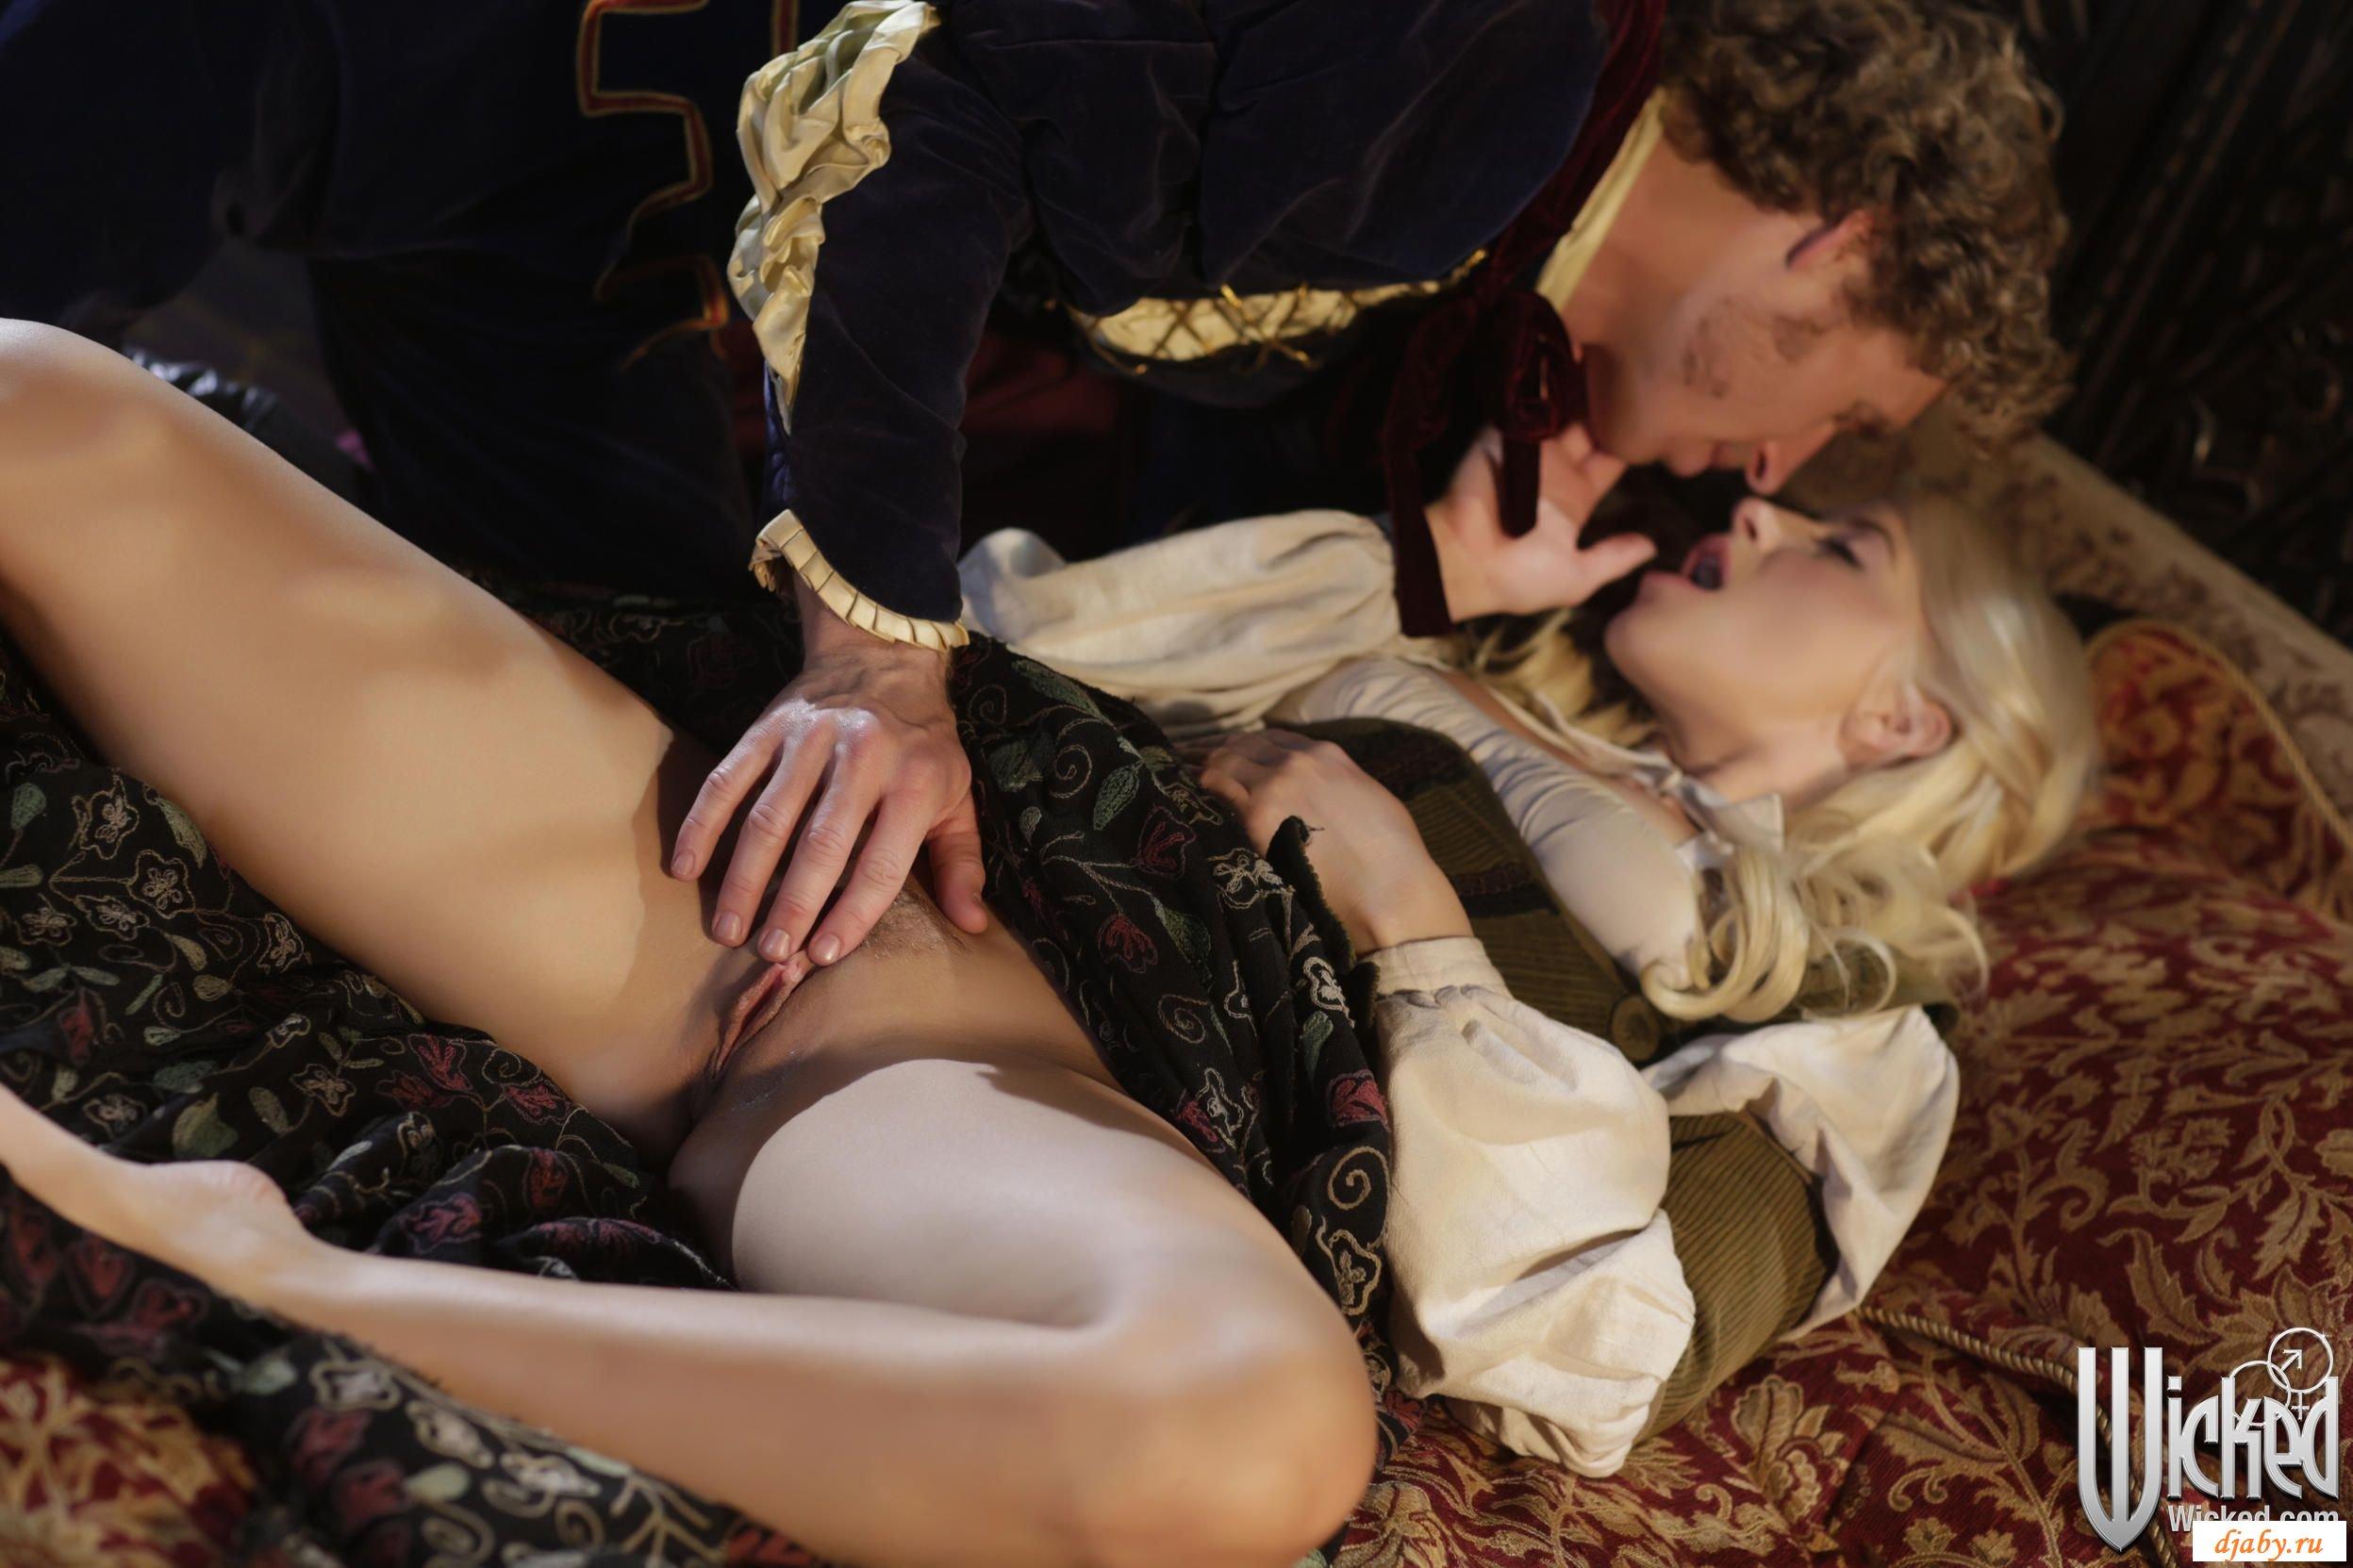 делай порно сказки спящая красавица видео основном же